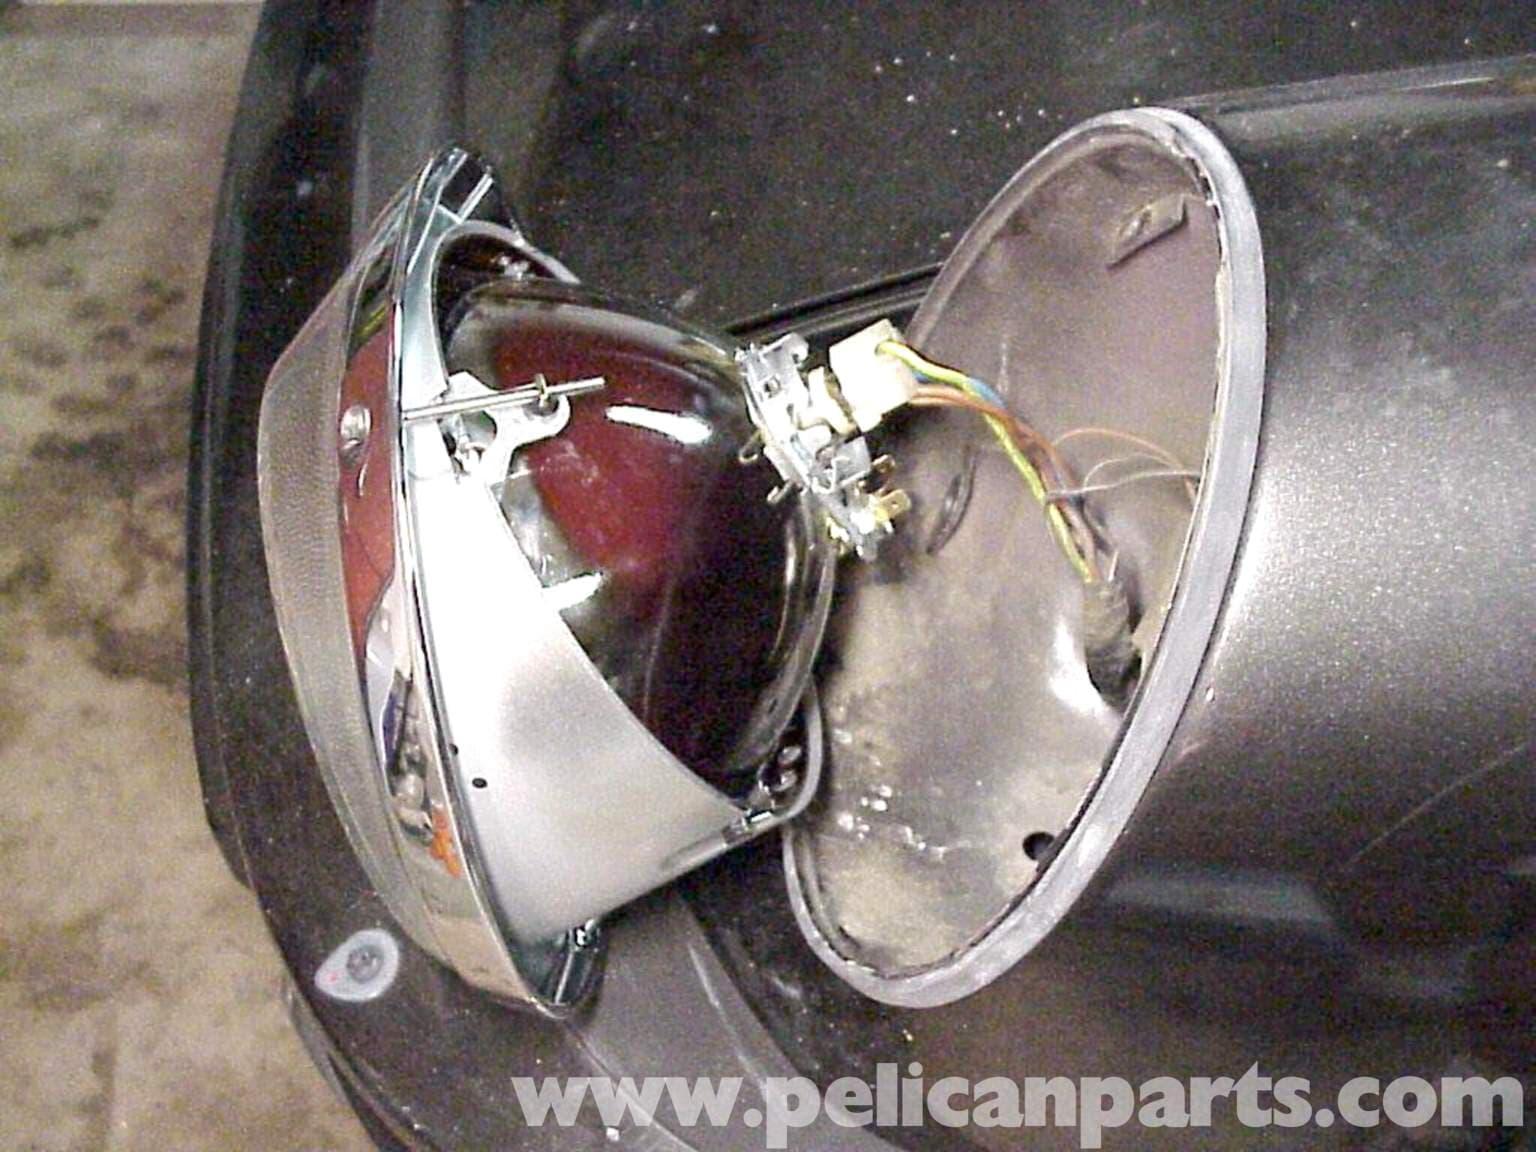 headlight socket wiring diagram ramsey winch porsche 911 h4 upgrade 1965 89 930